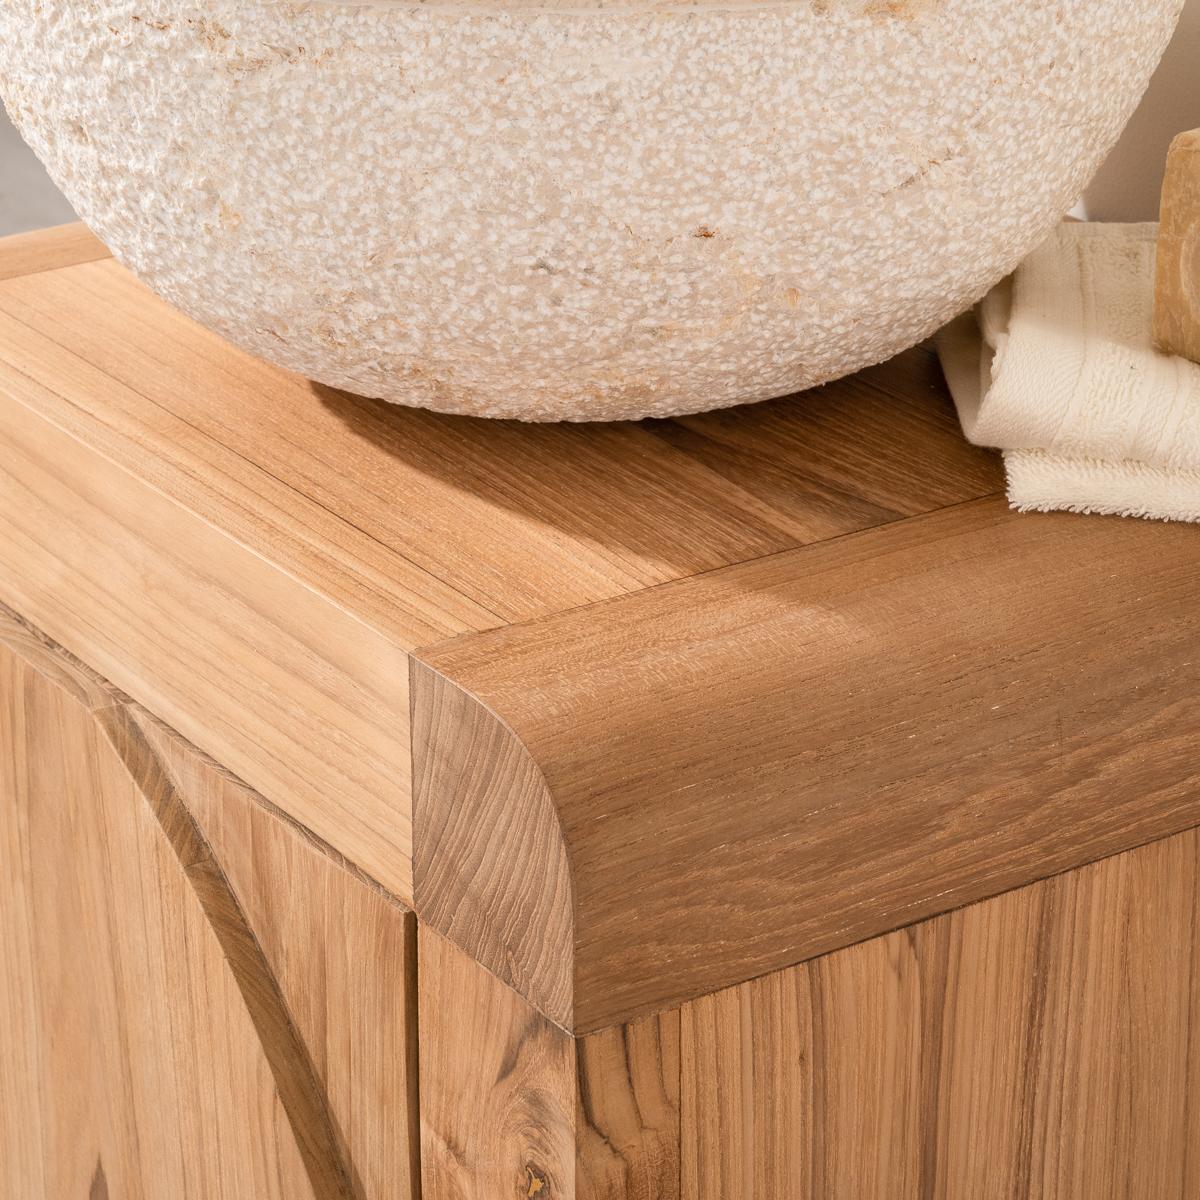 petit meuble de salle de bain ou wc 44cm en teck massif. Black Bedroom Furniture Sets. Home Design Ideas